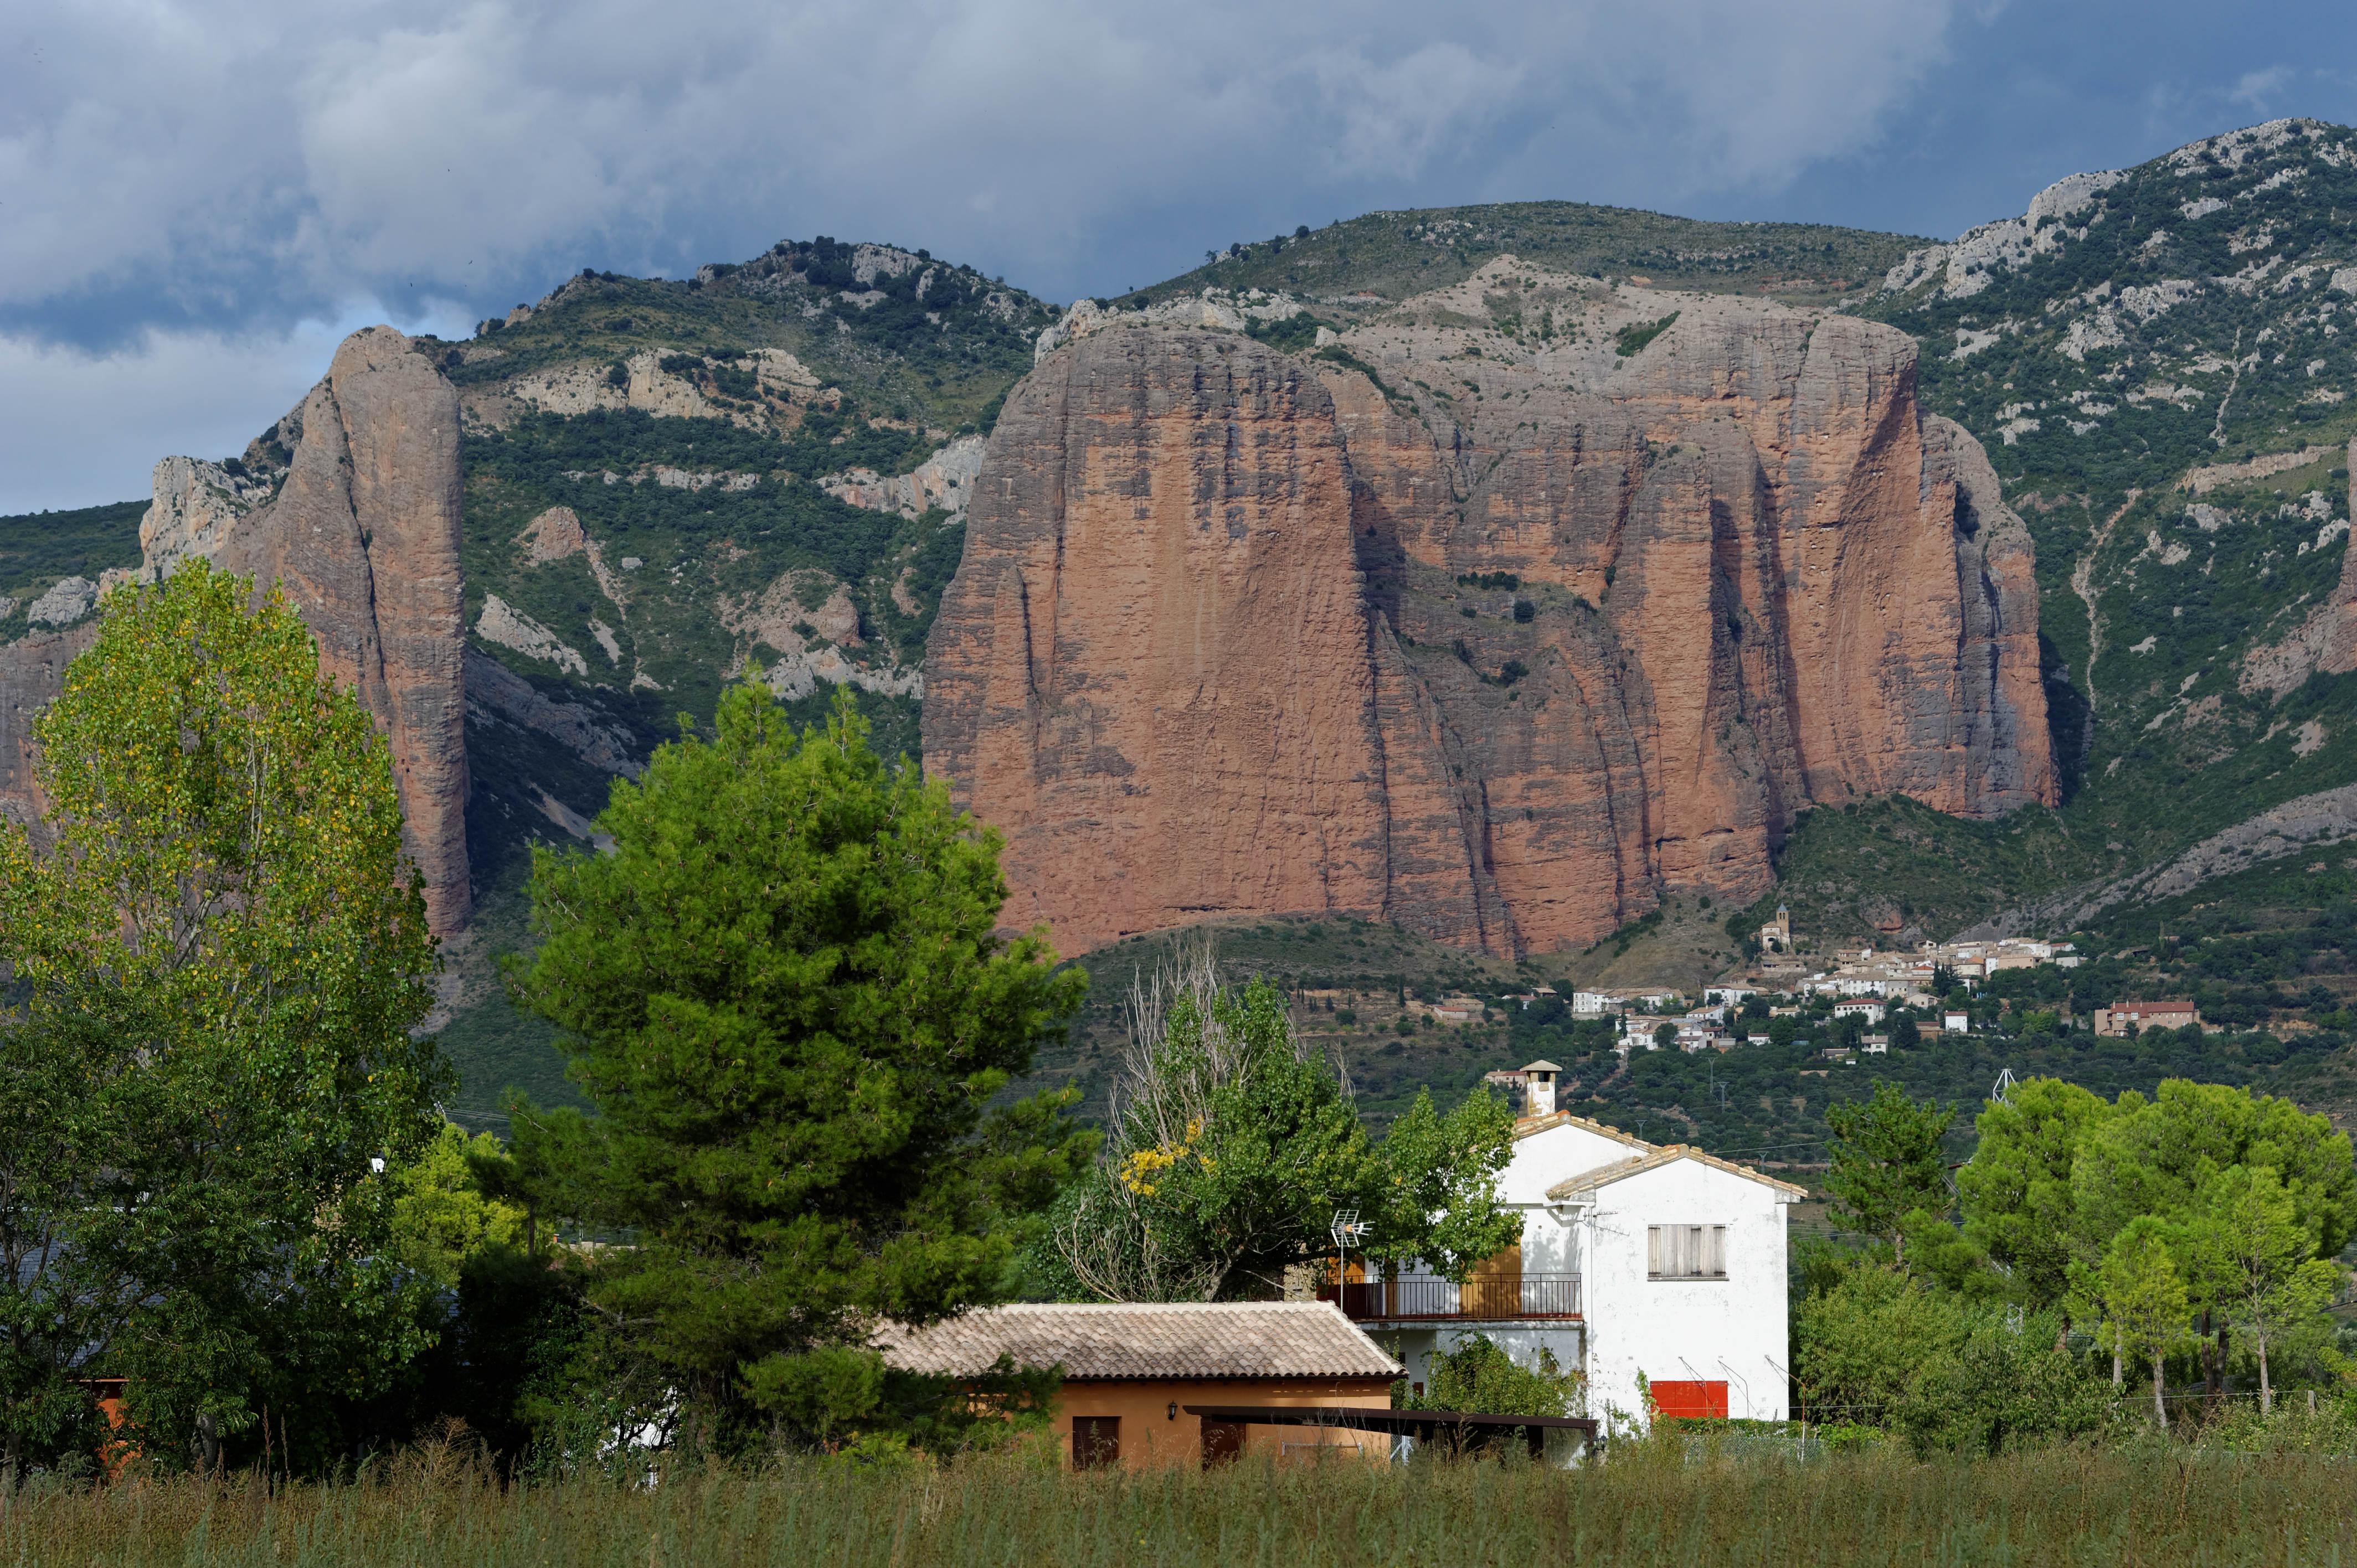 3542_Mallos de Riglos (Aragon)